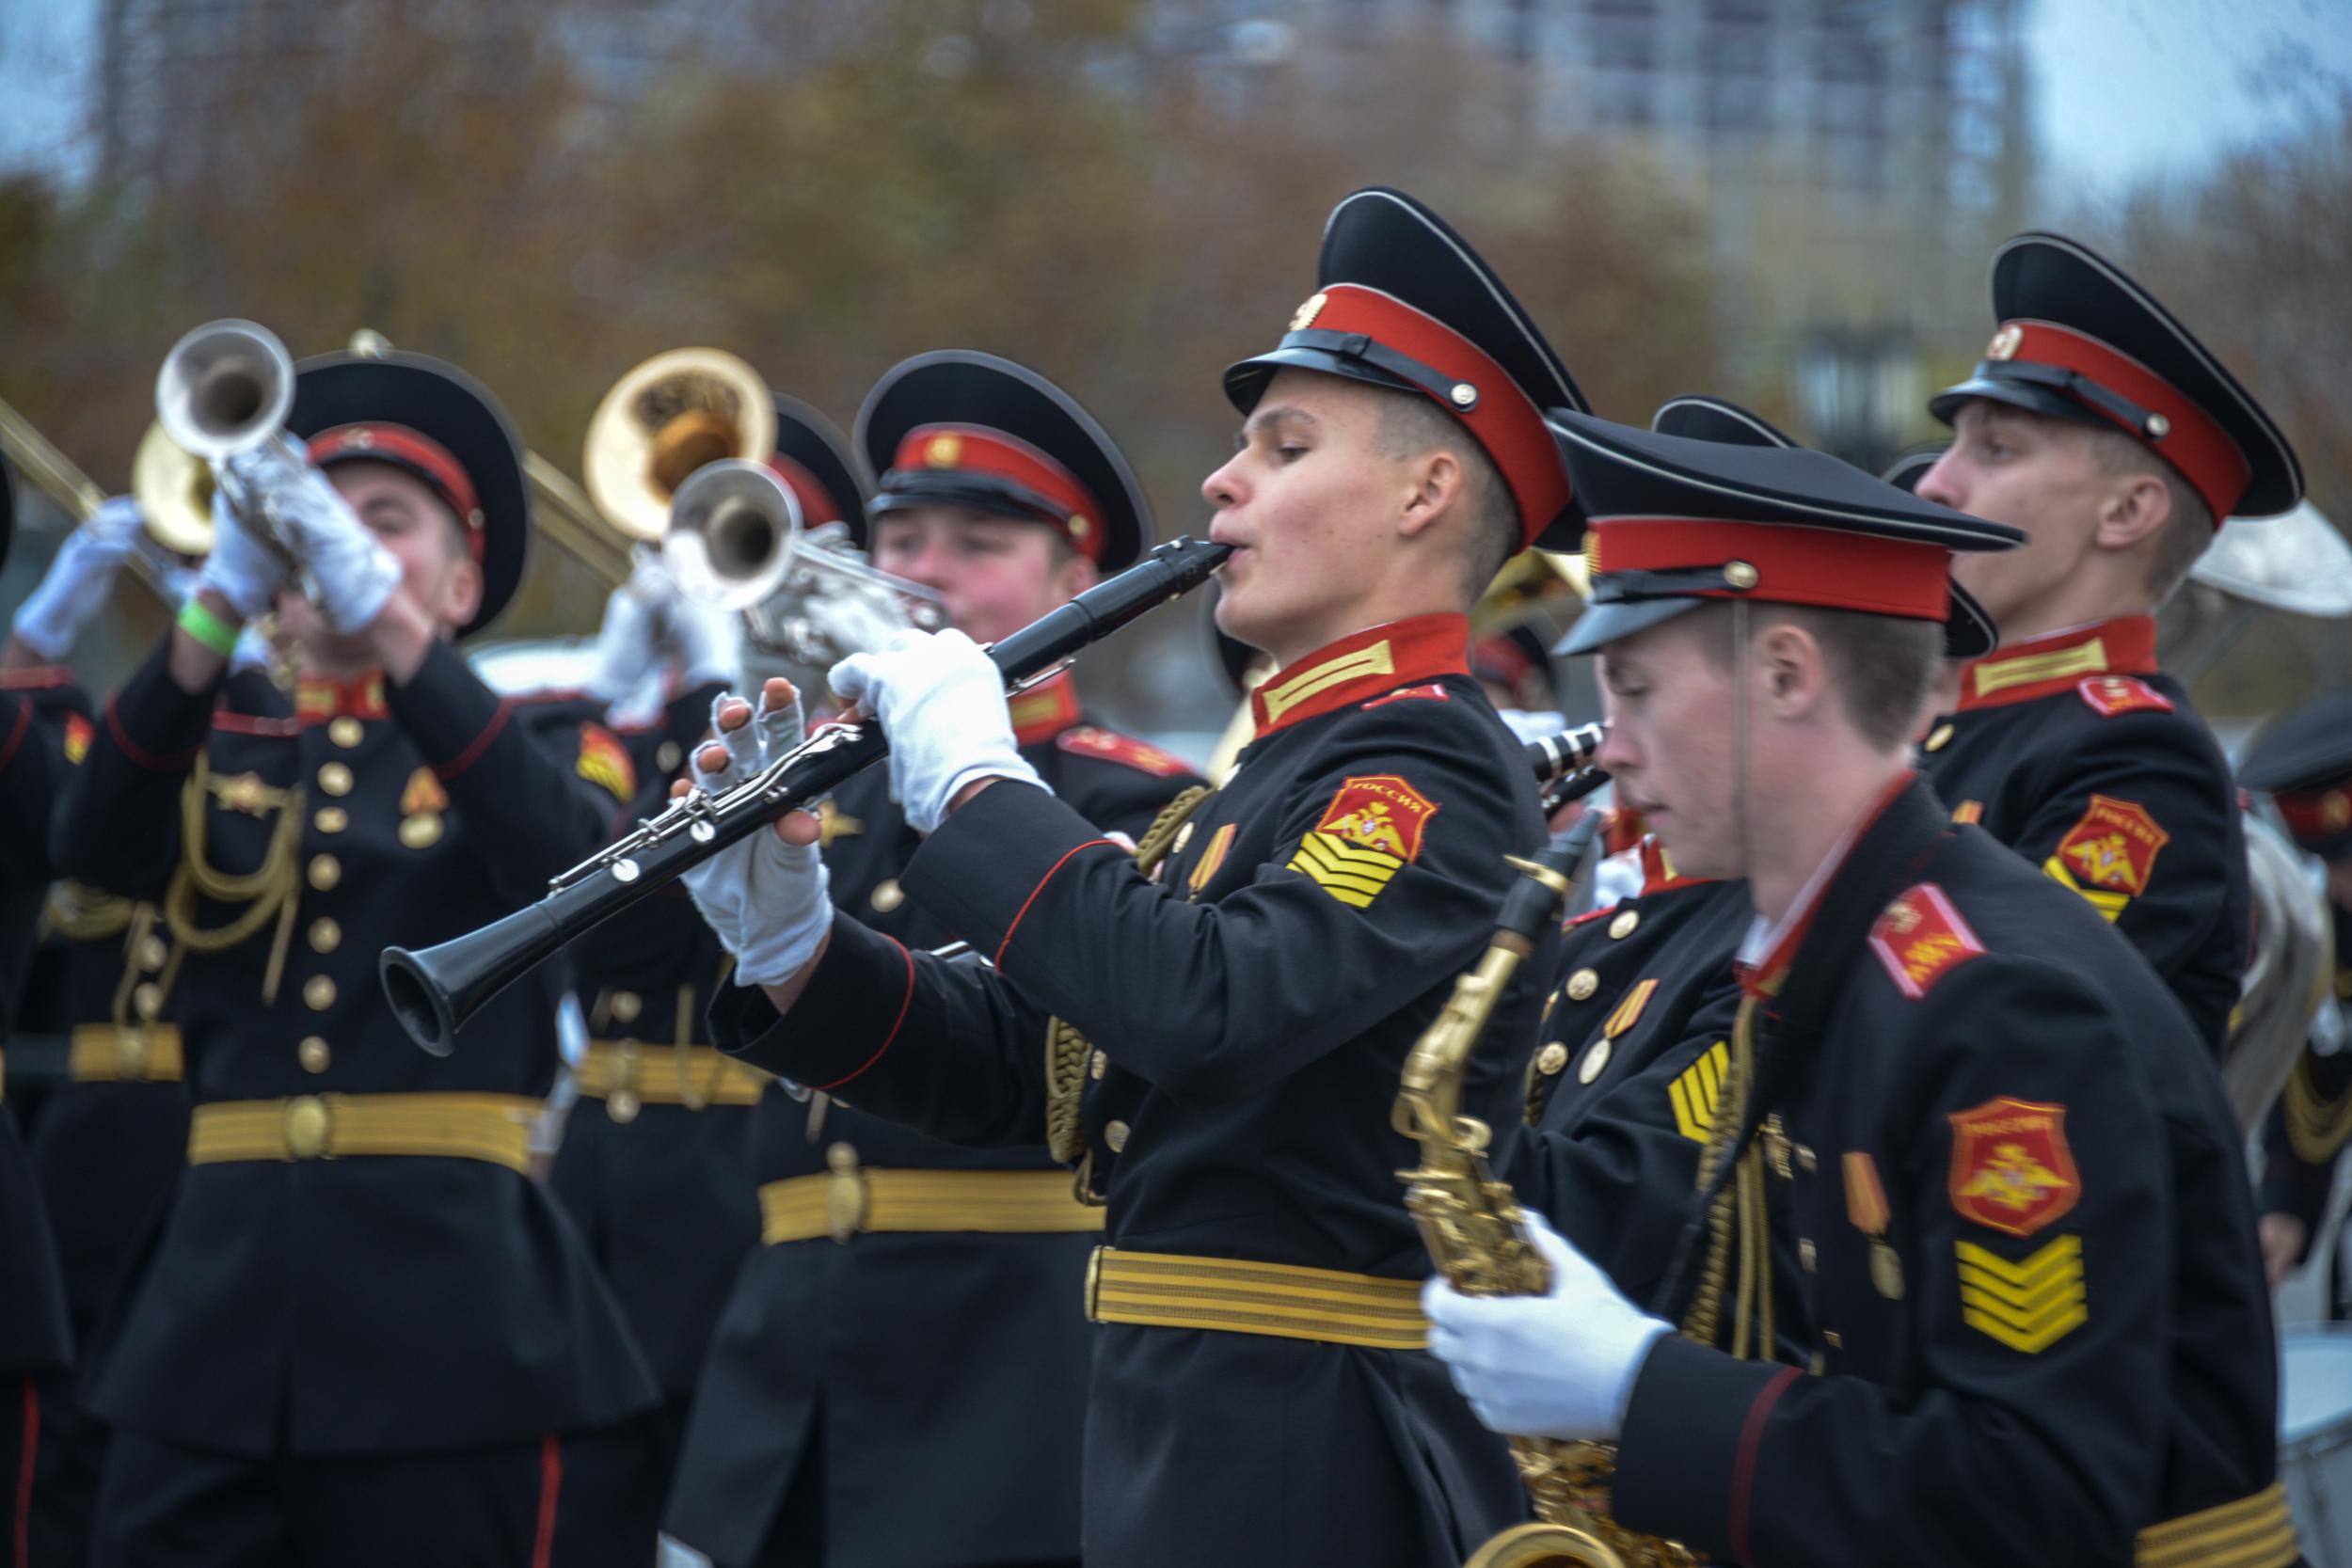 Ученики школы №1391 в Новофедоровском начали подготовку к празднованию Дня защитника Отечества